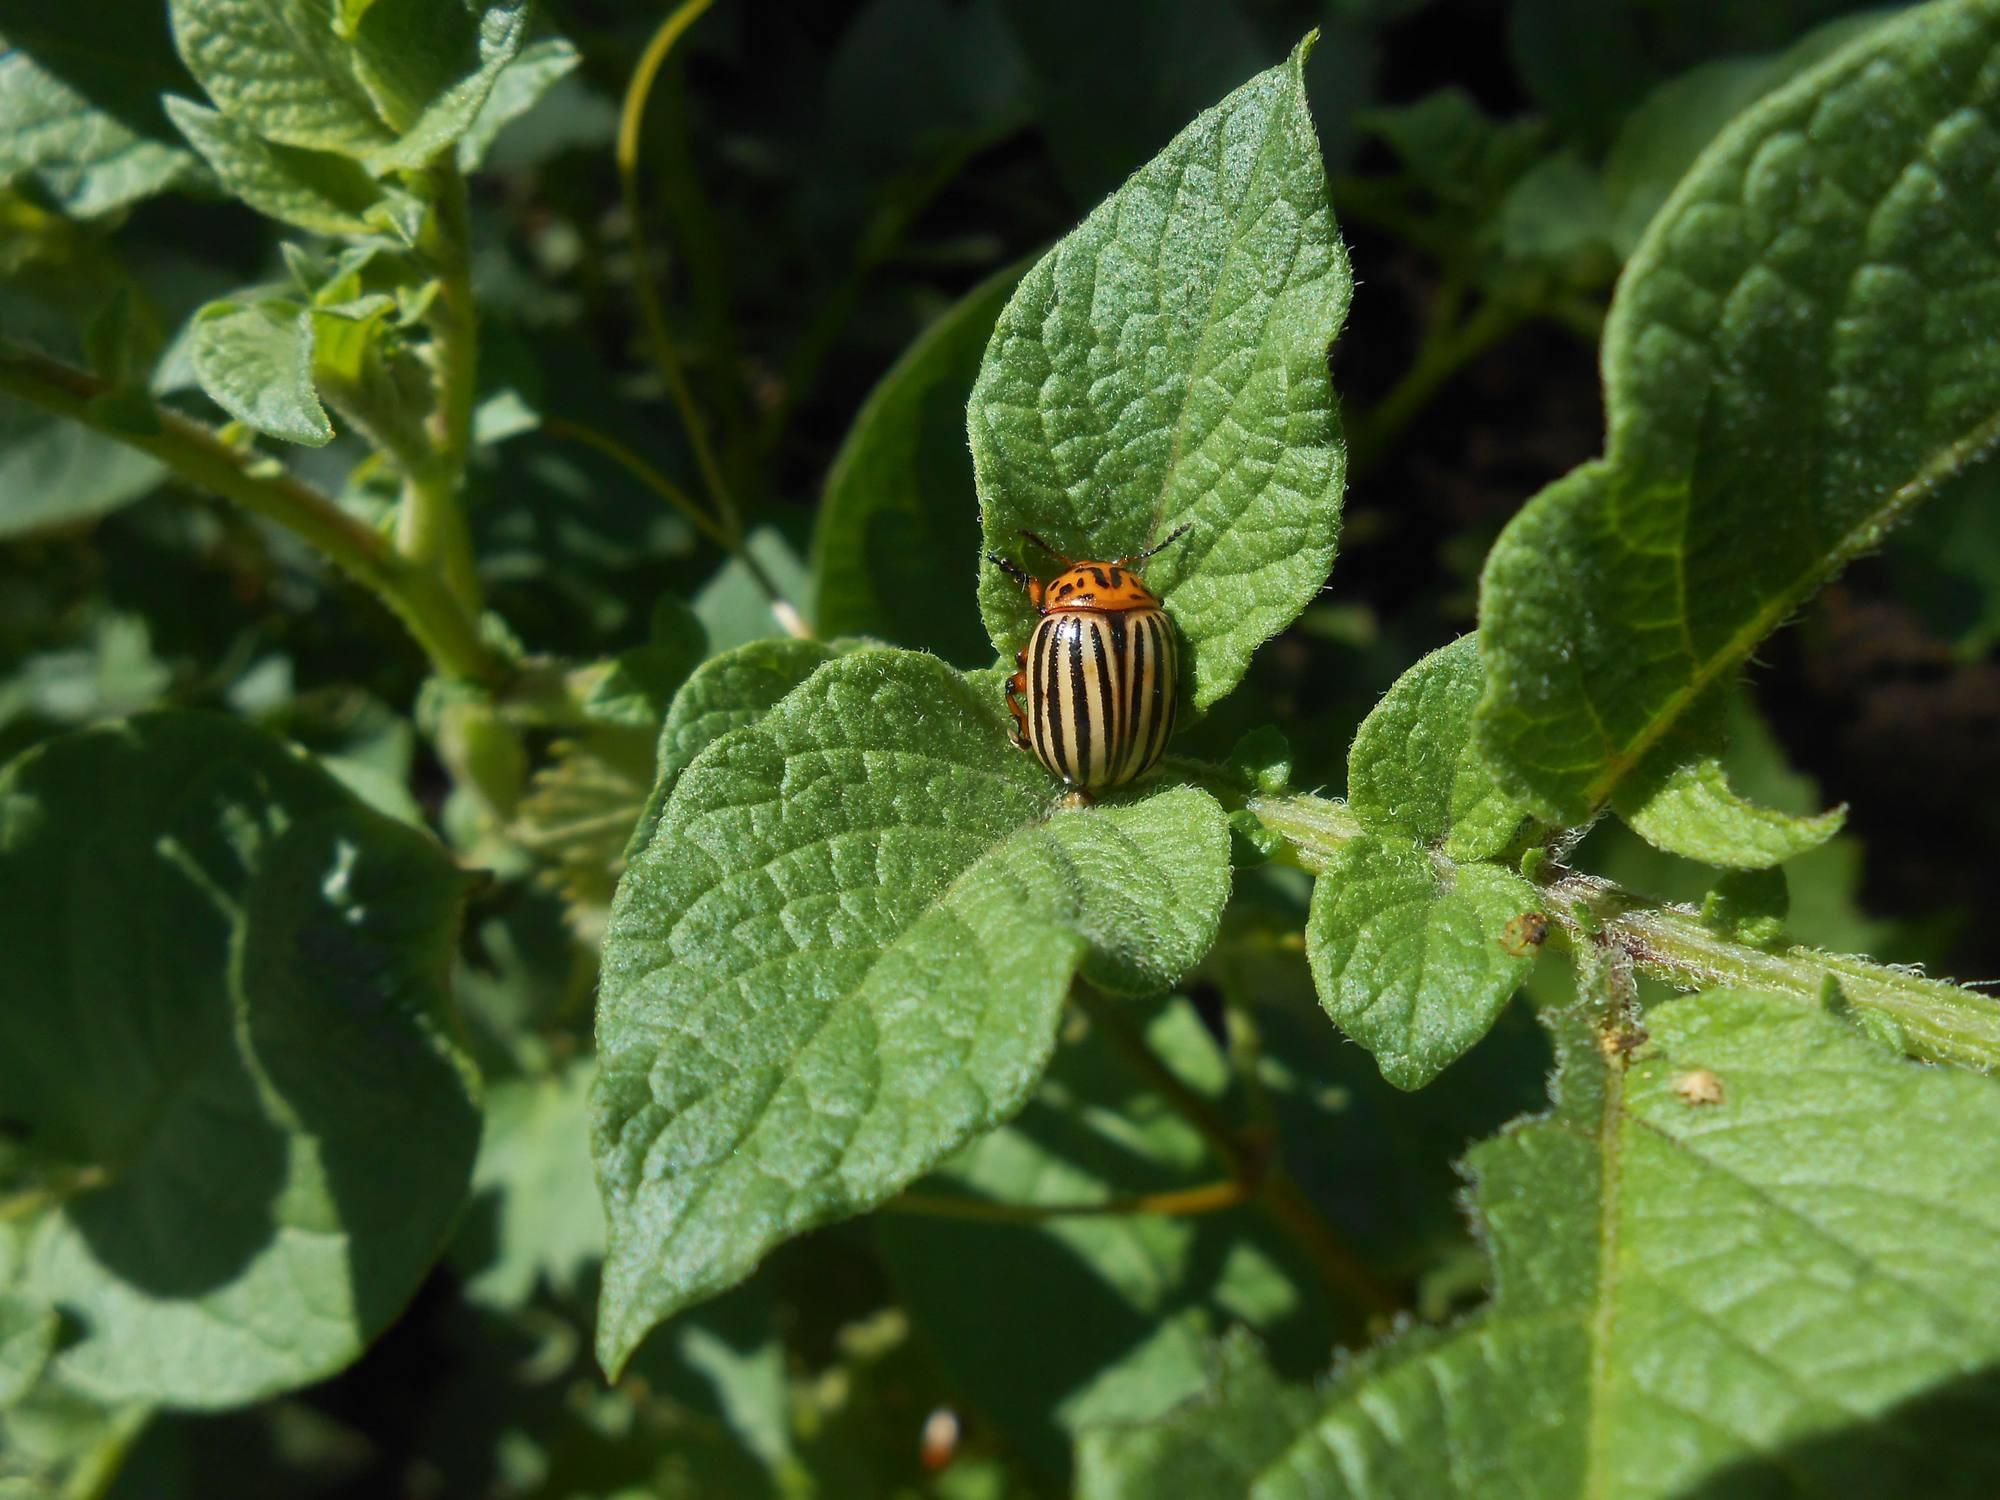 Колорадские жуки на листьях картофеля